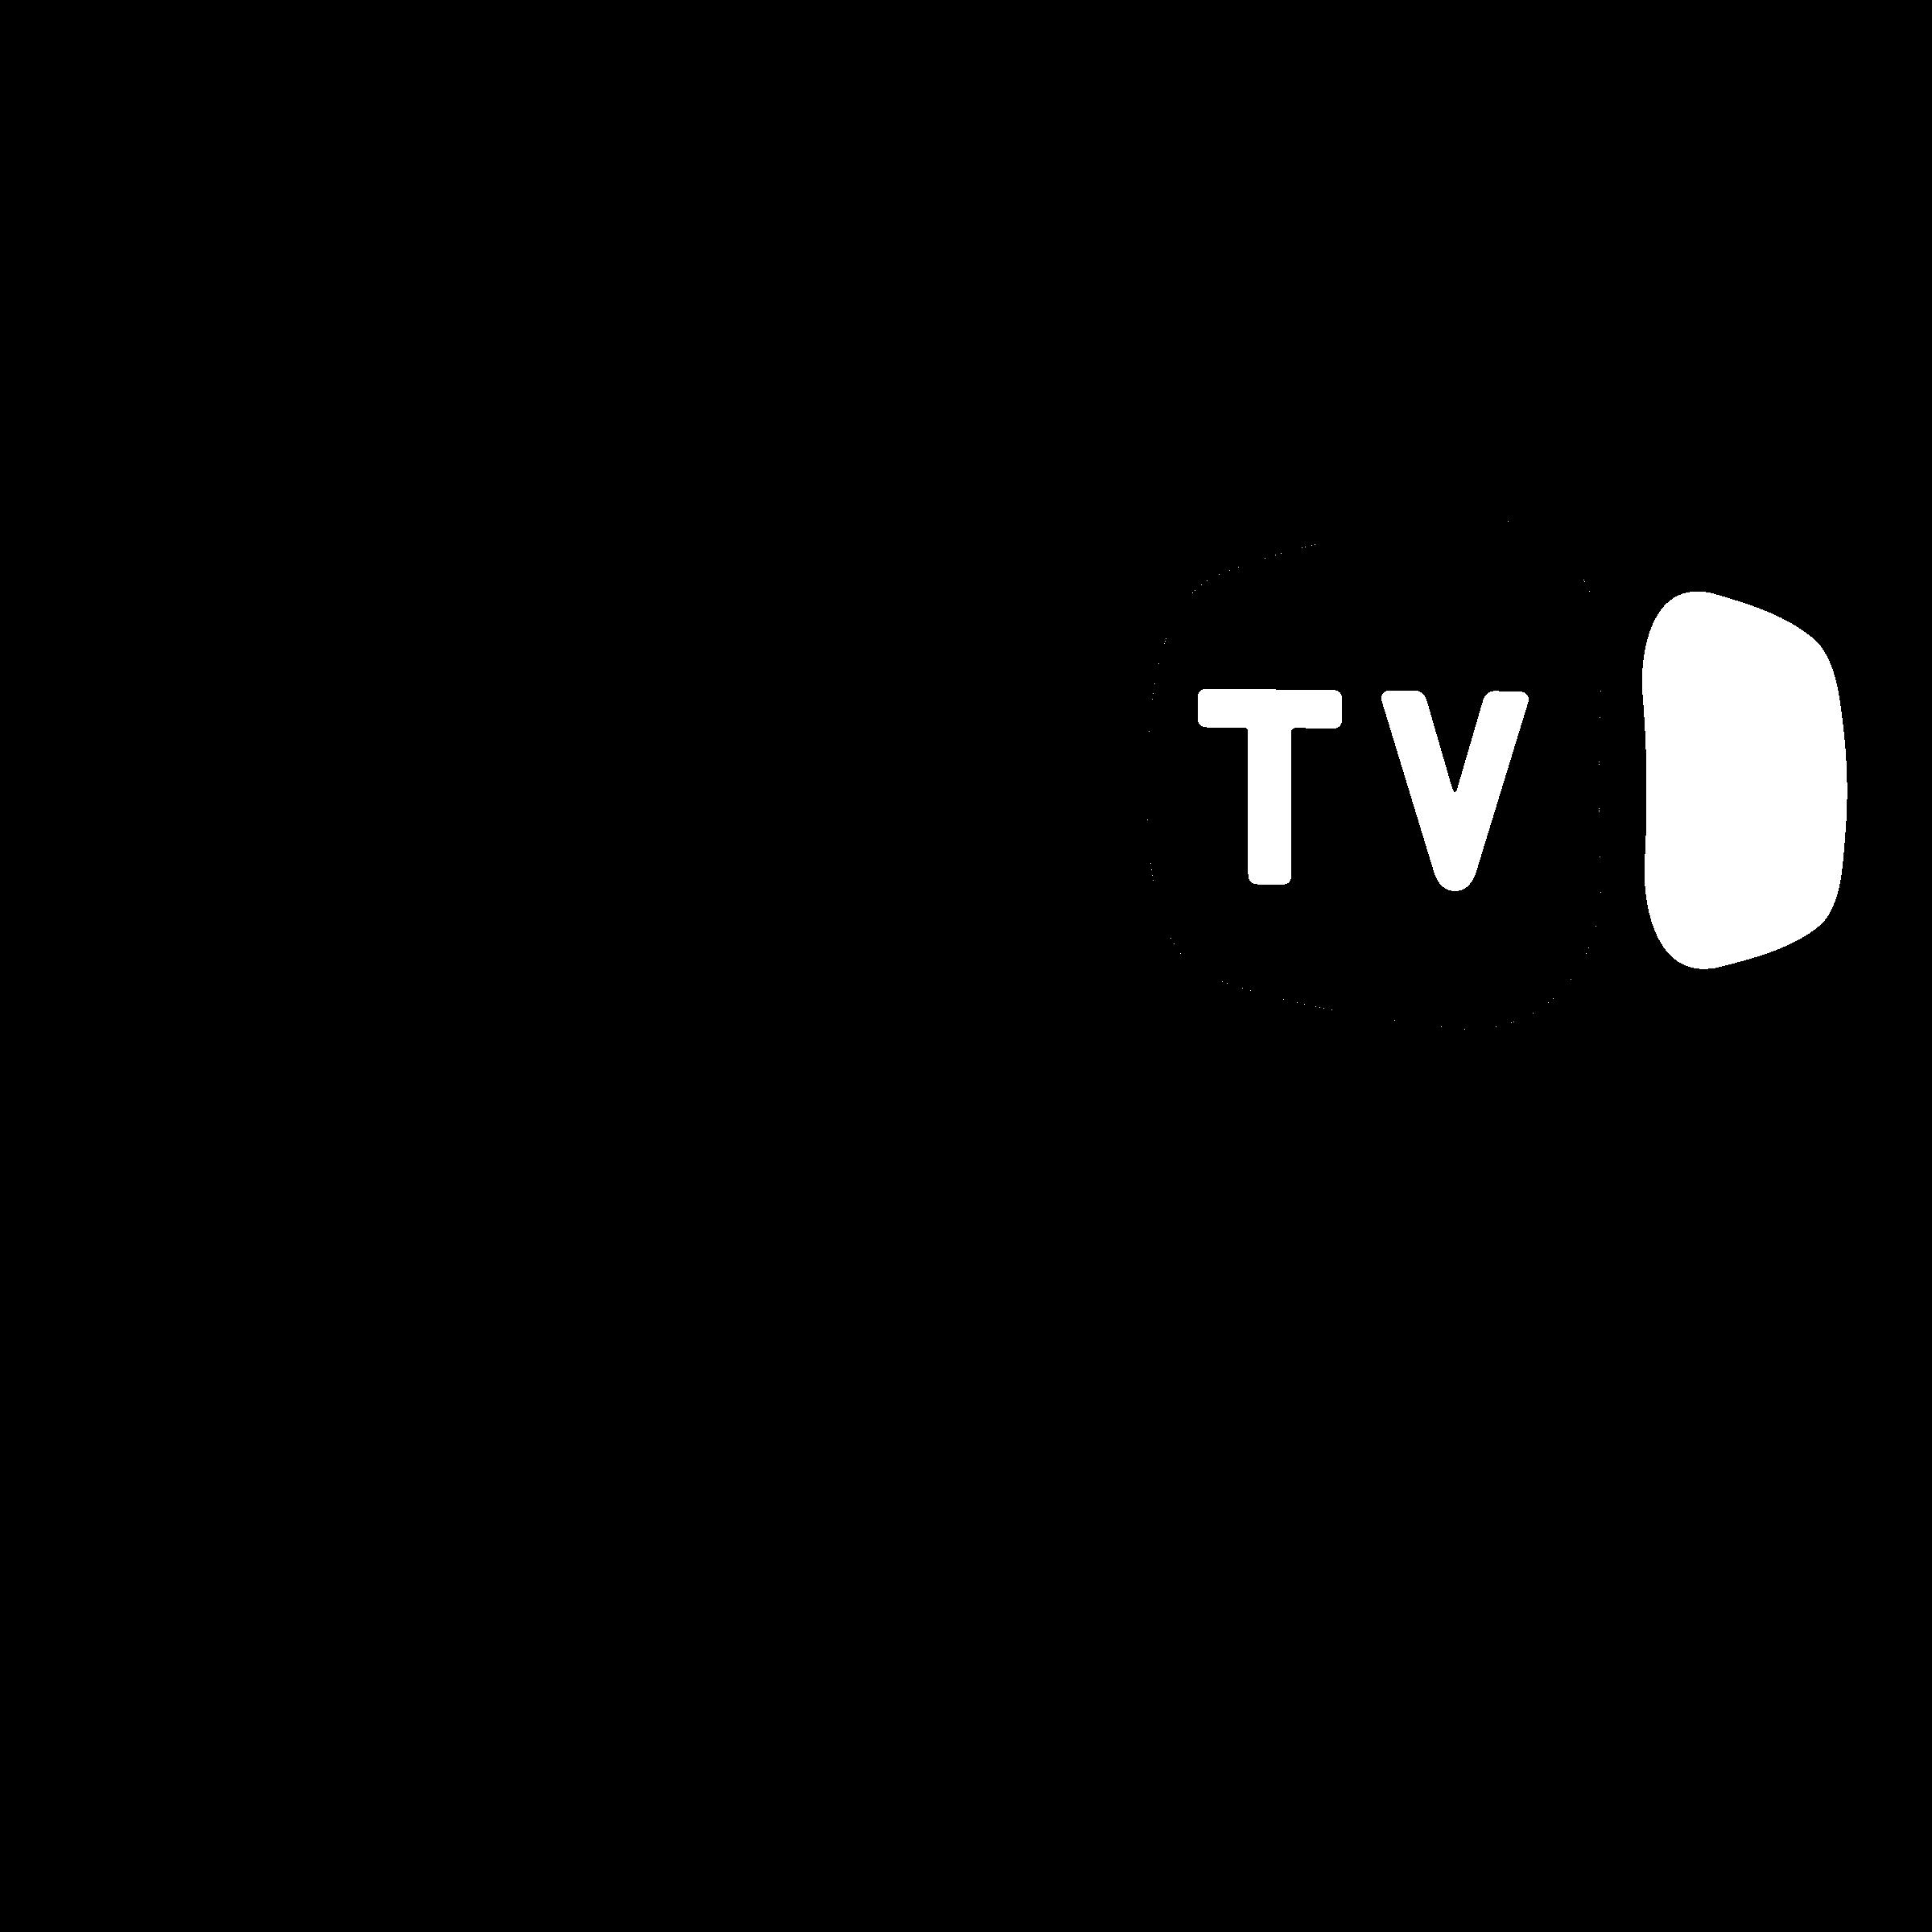 Gotv Logo PNG Transparent & SVG Vector.